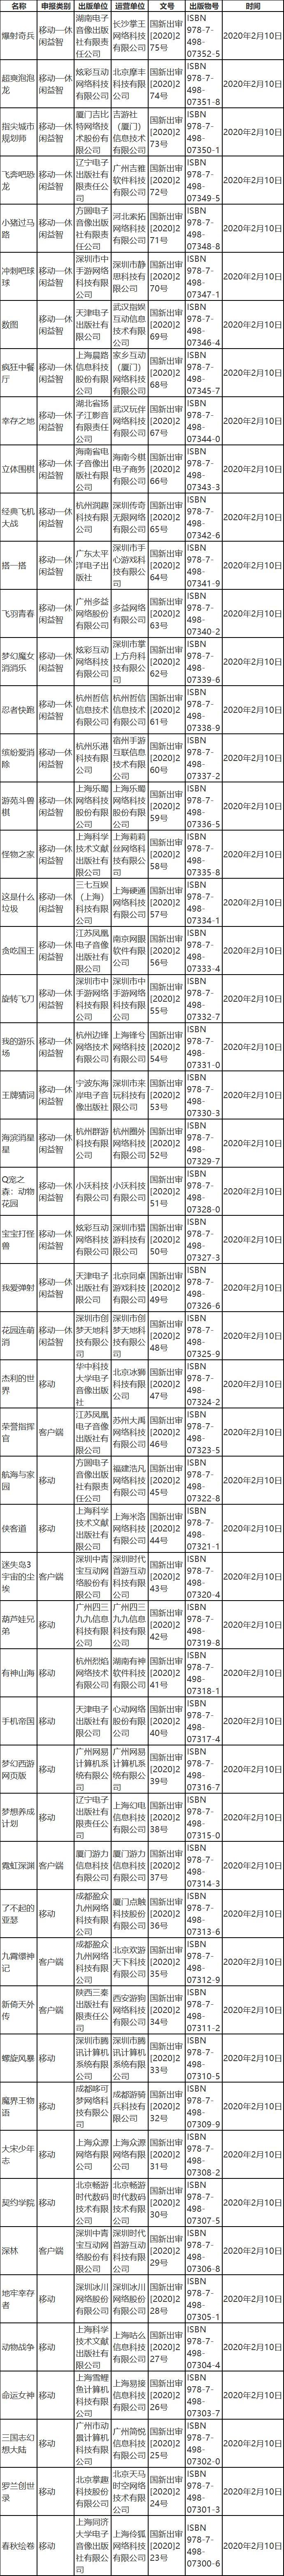 游戏审批工作暂时未受影响:2月新一批53个游戏版号如期而至_九霄